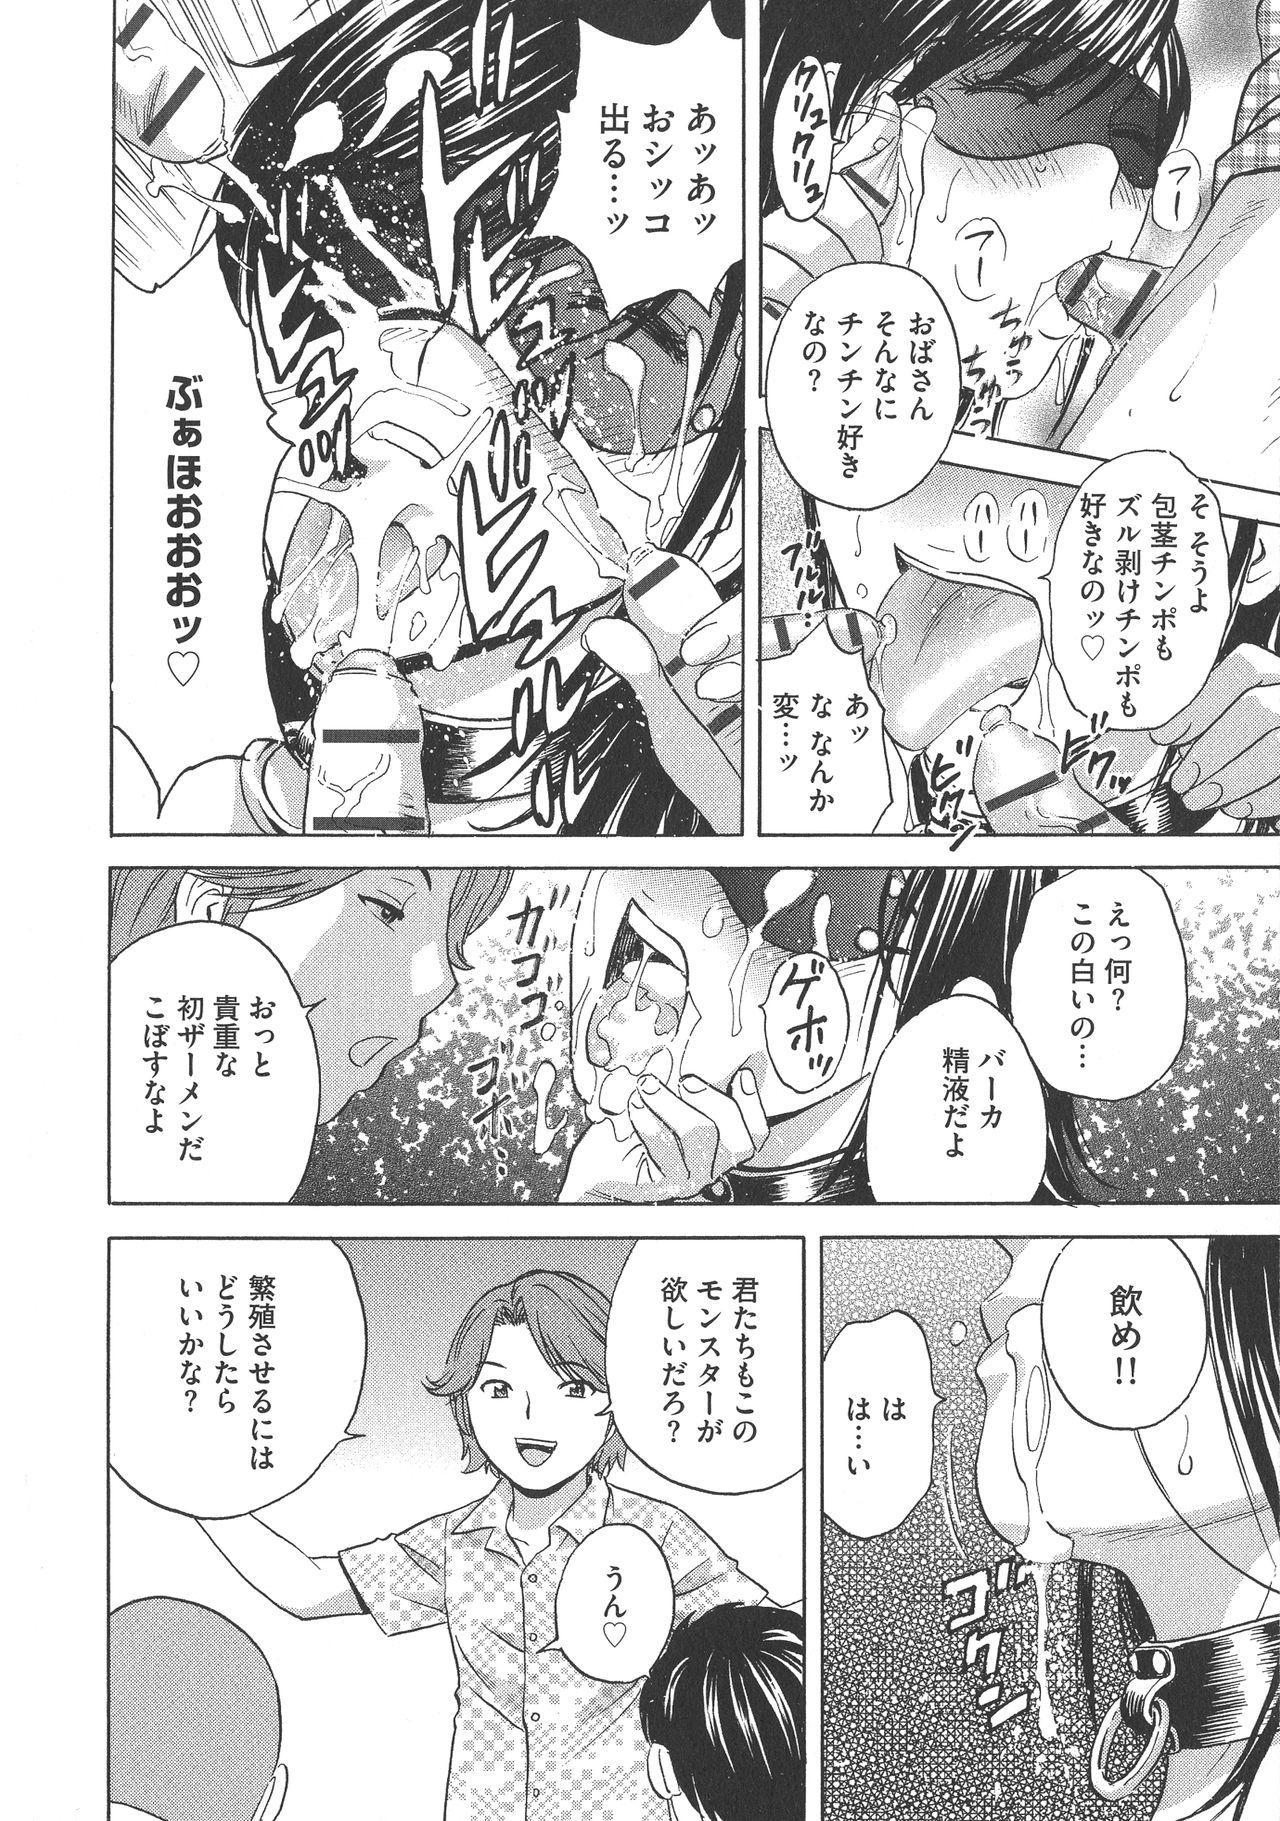 Chijoku ni Modaeru Haha no Chichi… 61